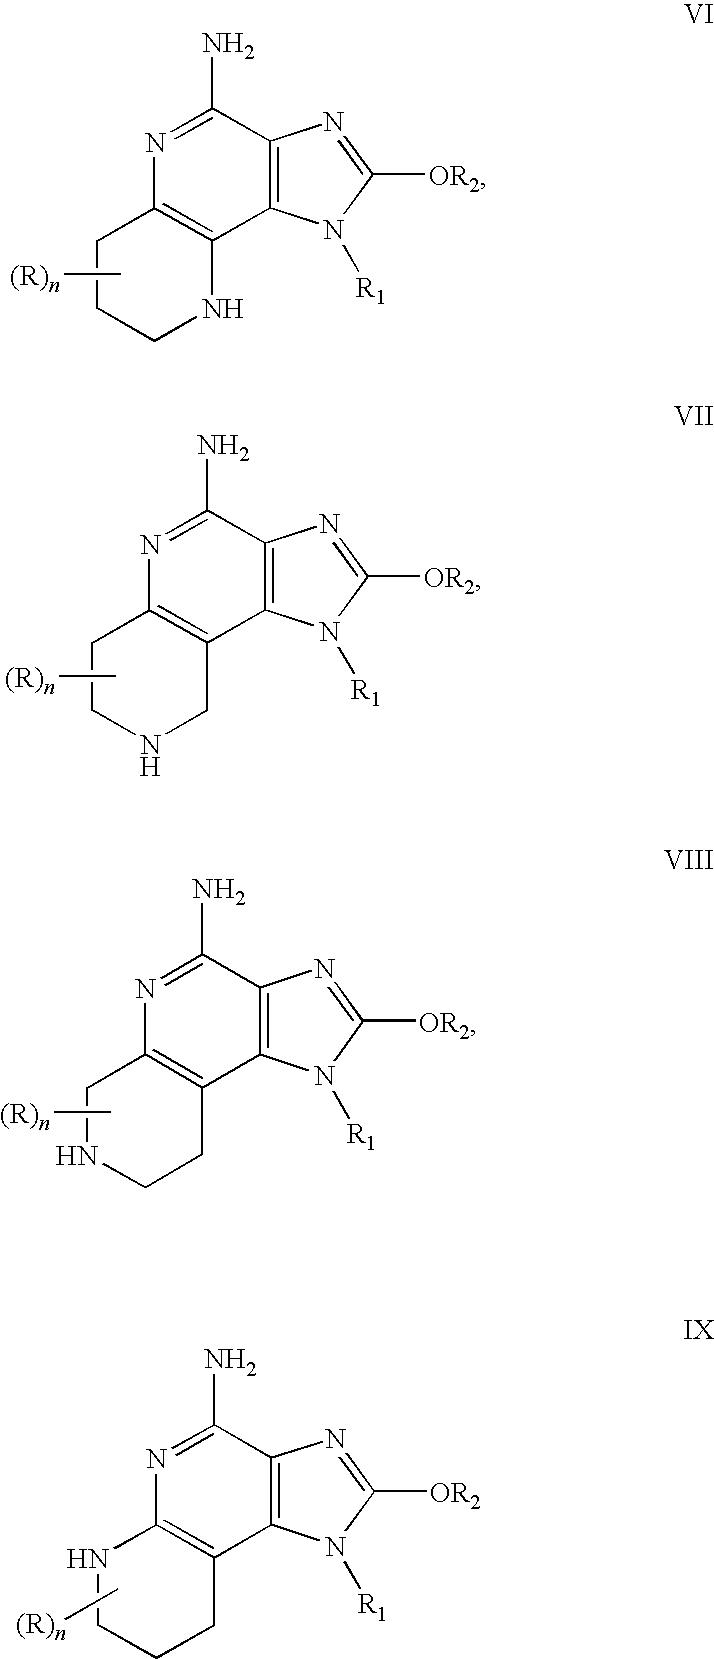 Figure US20090298821A1-20091203-C00013